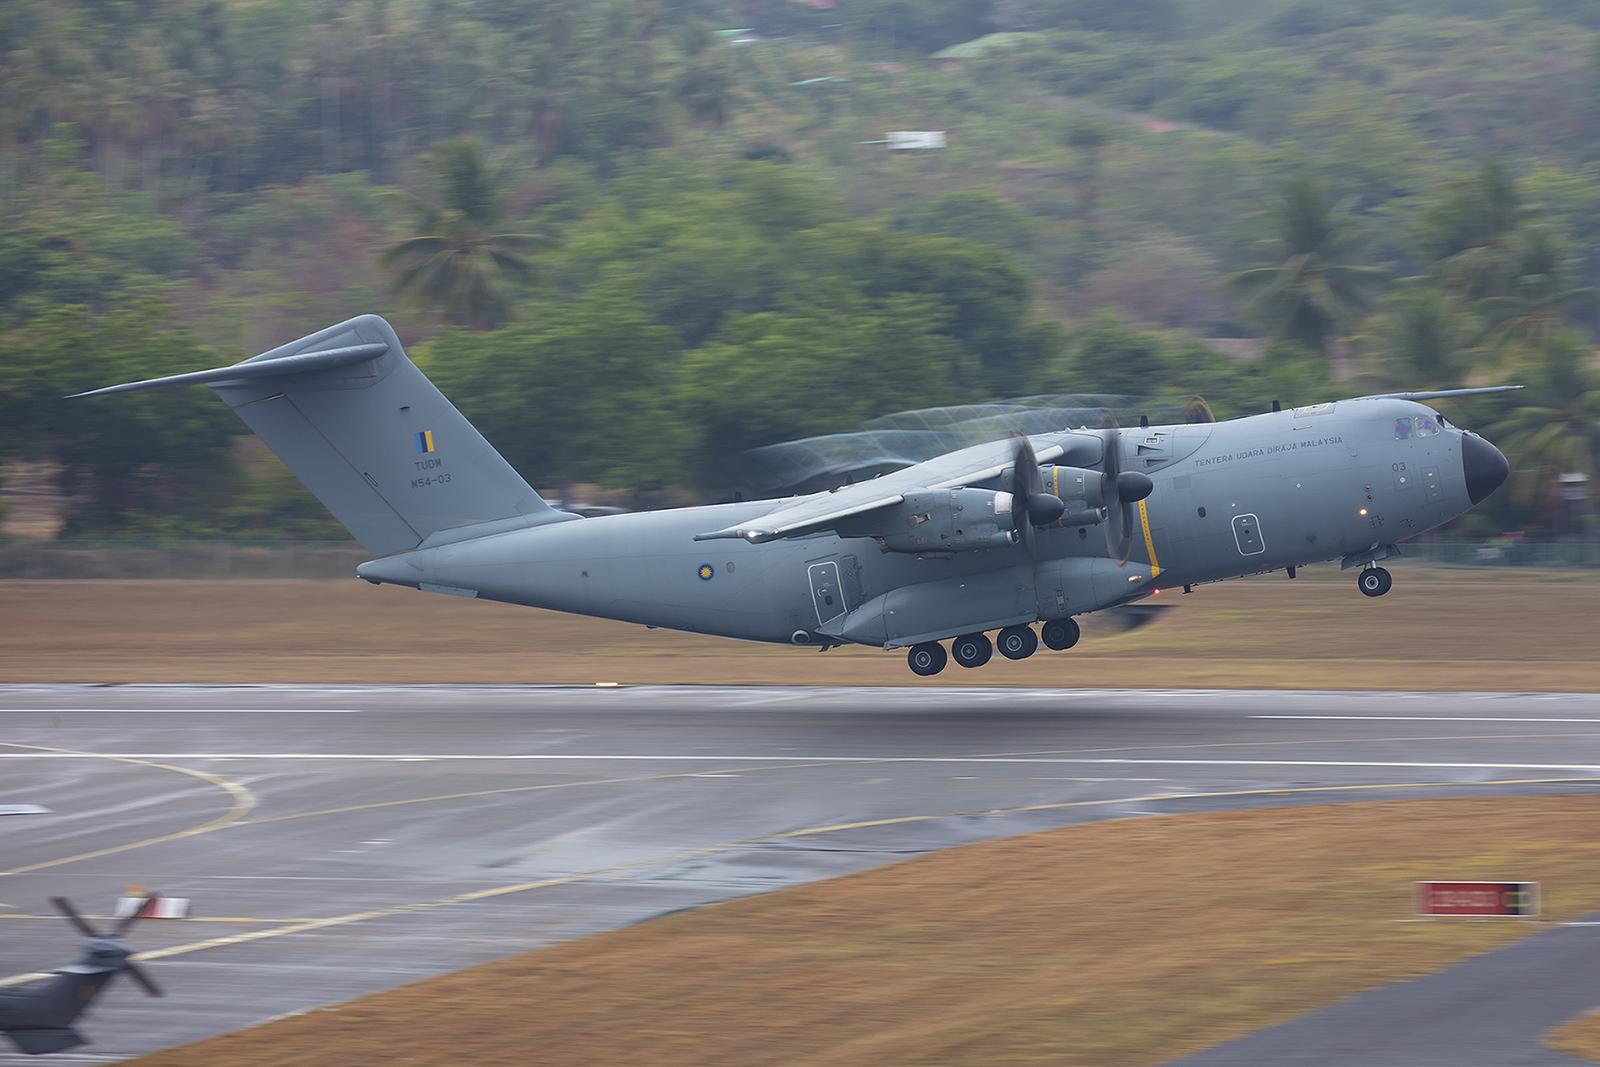 Ein Airbus A400m fliegt zurück nach Kuala Lumpur.